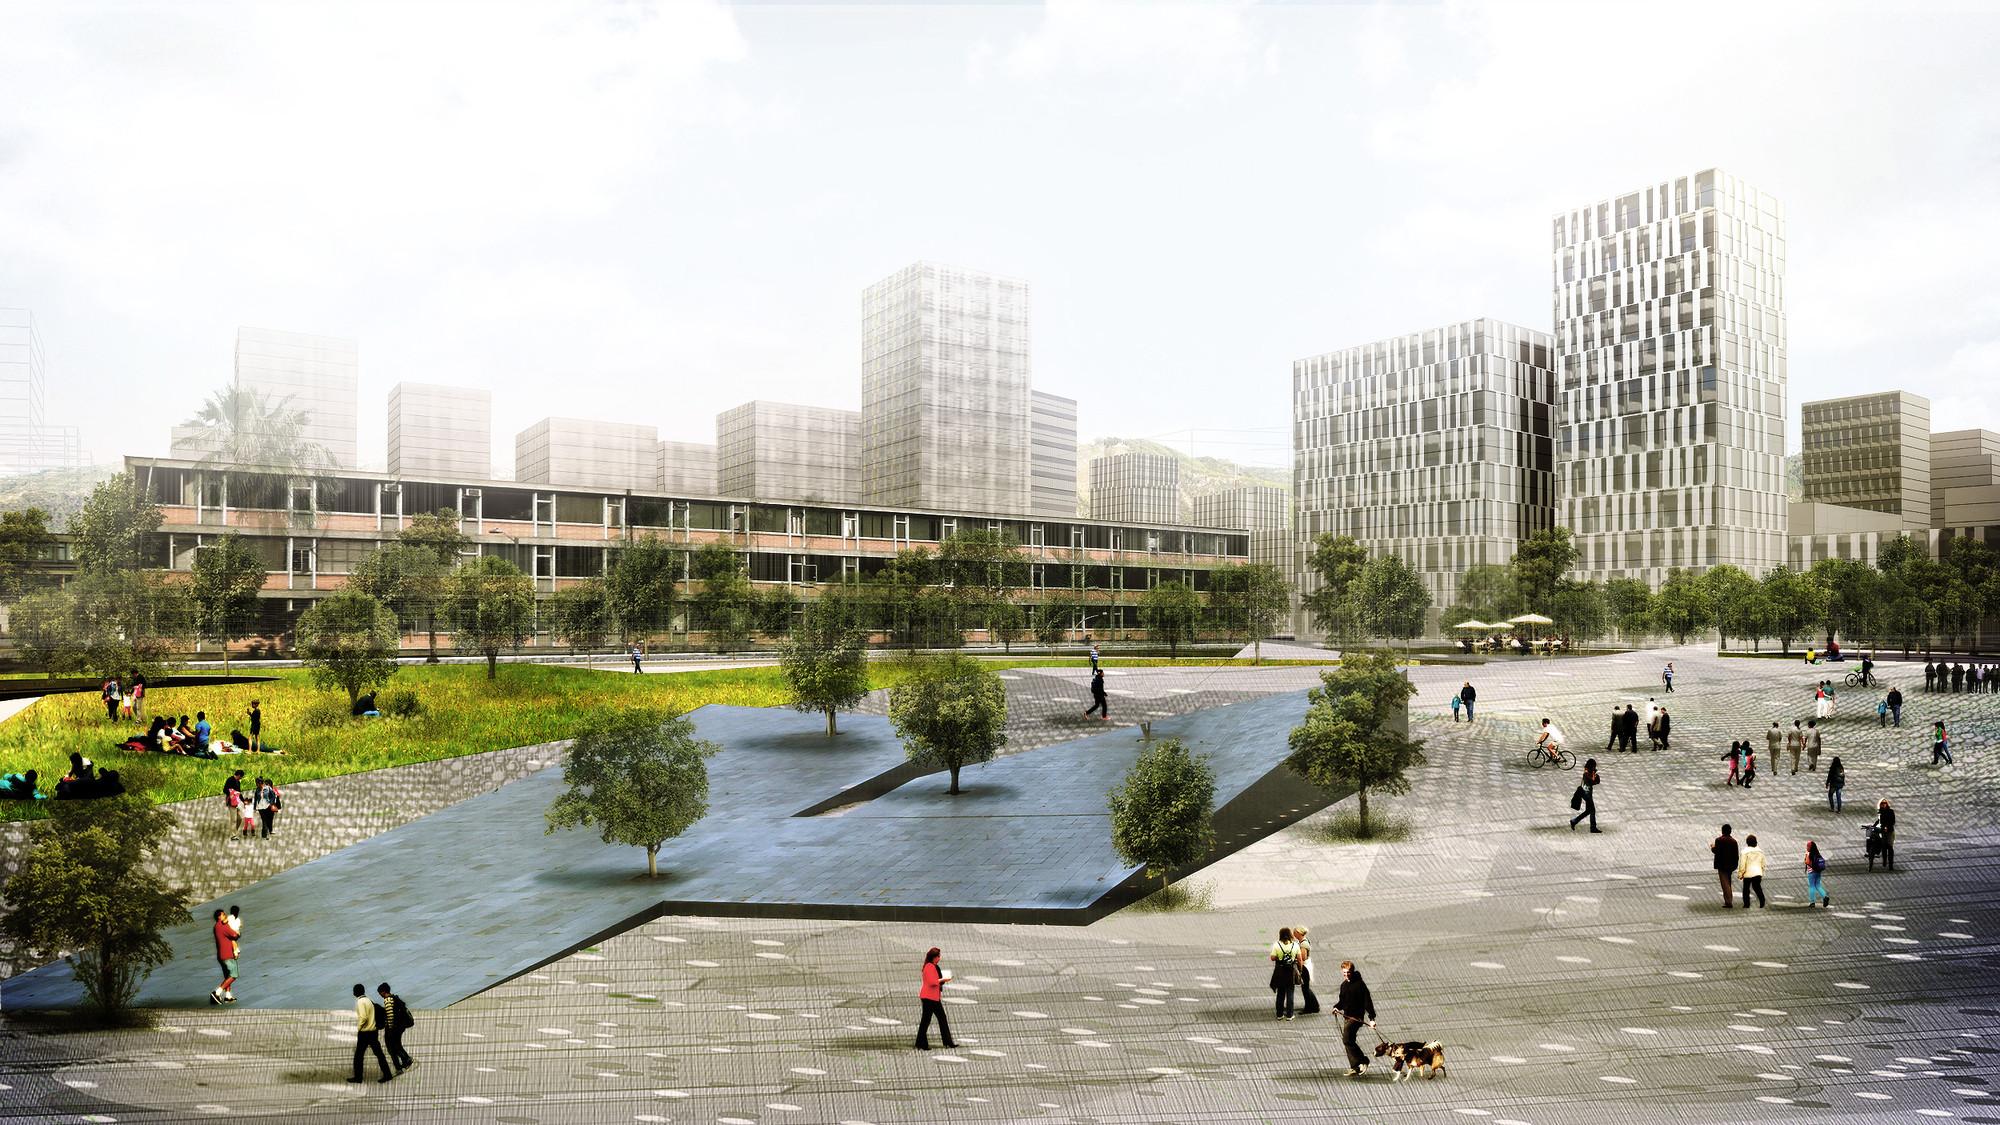 Tercer Lugar Masterplan del Centro Administrativo Nacional (CAN) de Bogotá, Courtesy of Equipo Tercer Lugar